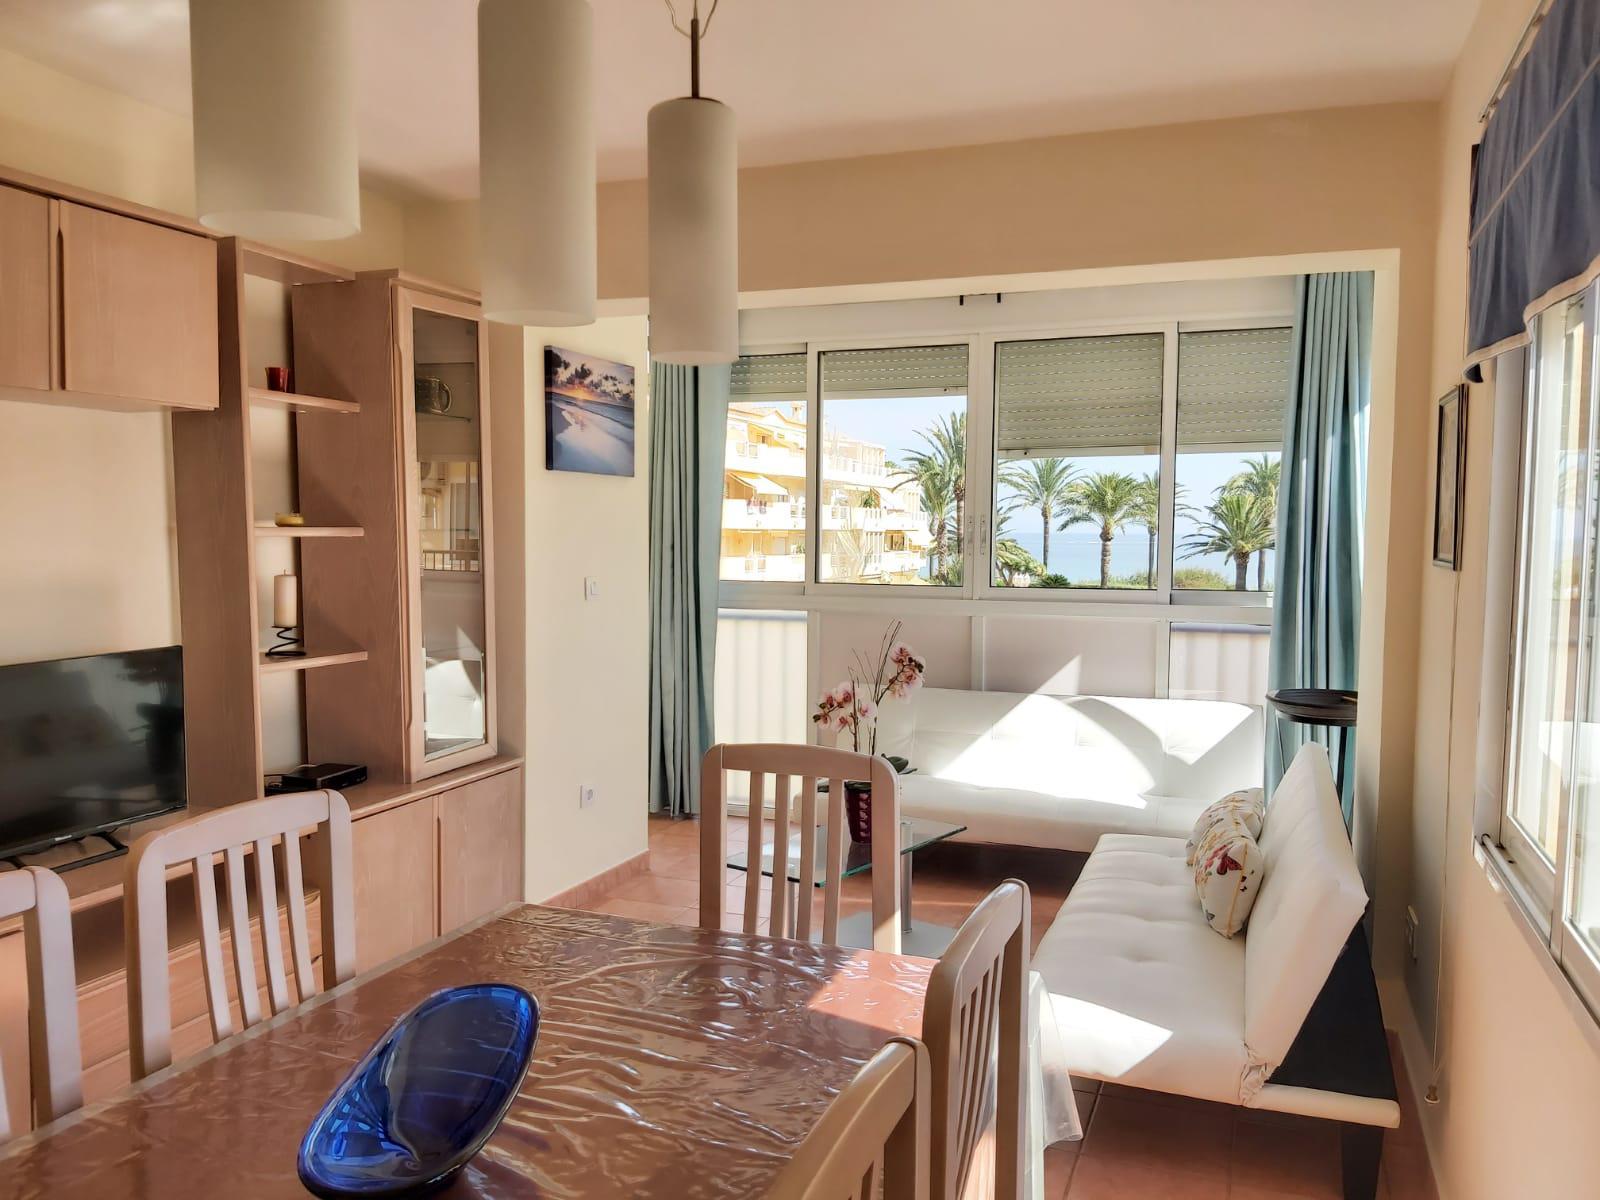 Appartement -                                       Denia -                                       2 Schlafzimmer -                                       4 Personen